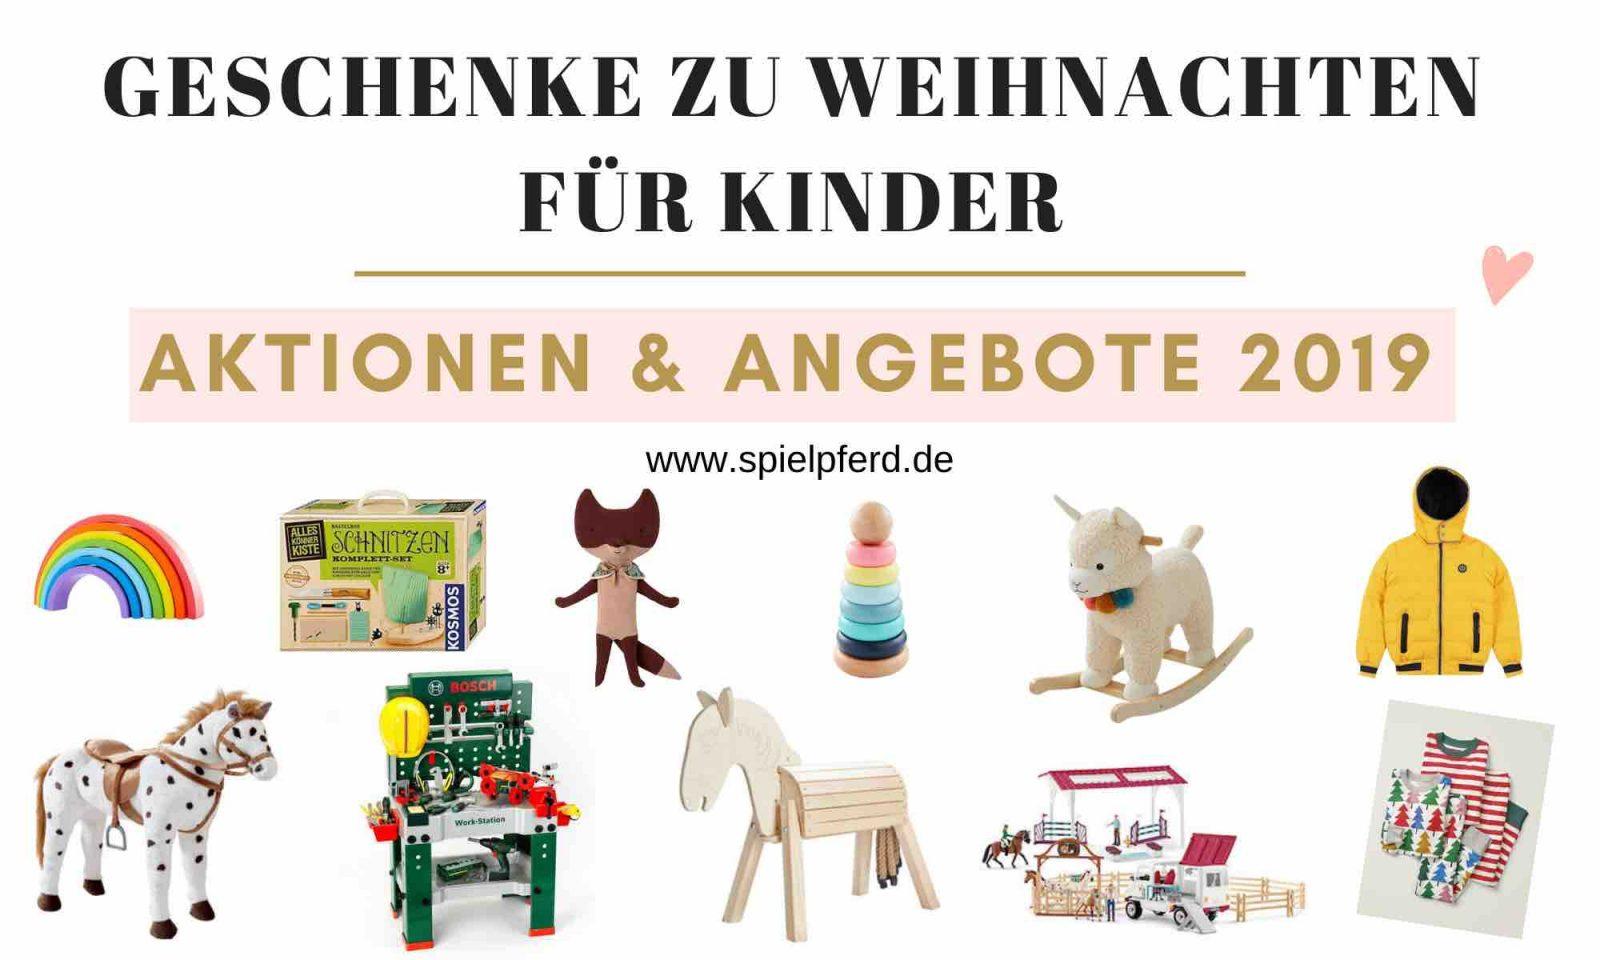 Geschenke Zu Weihnachten Für Kinder - Aktionen & Angebote in Tolle Weihnachtsgeschenke Für Kinder